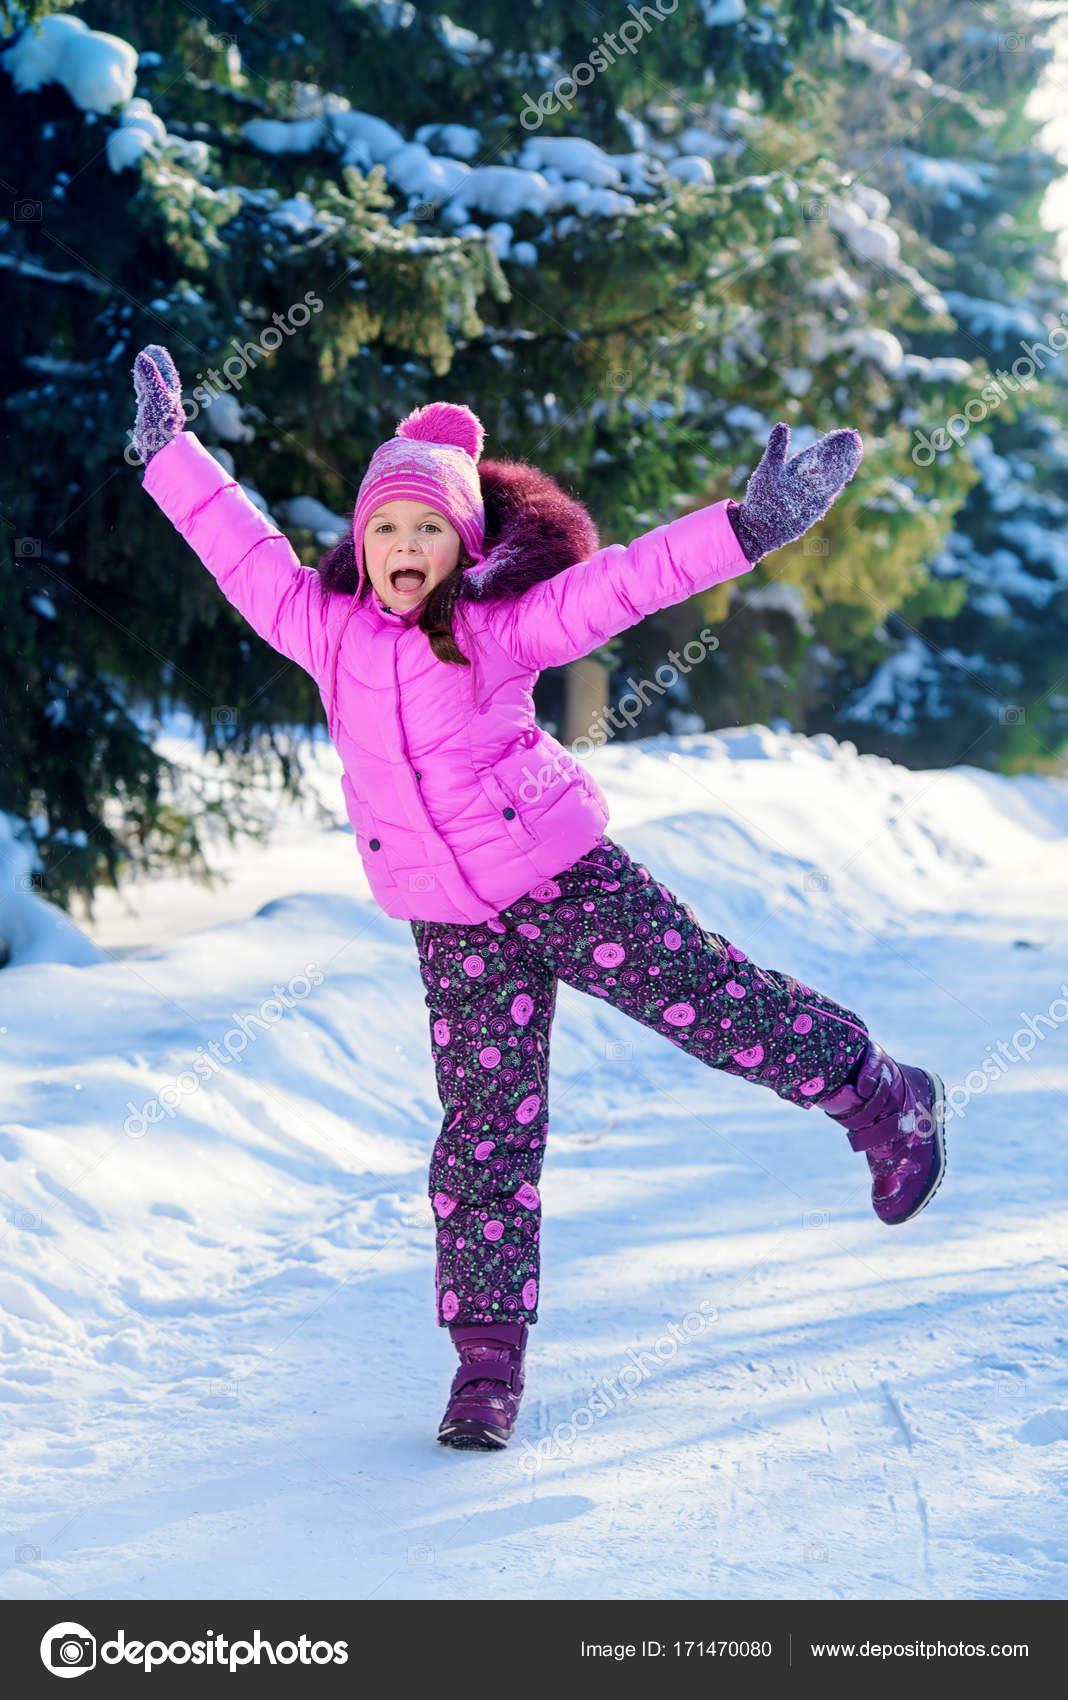 Vestiti Con Vestiti Bambino Invernali Bambino Invernali Invernali Con Bambino Con Bambino Con Vestiti knOXw80P